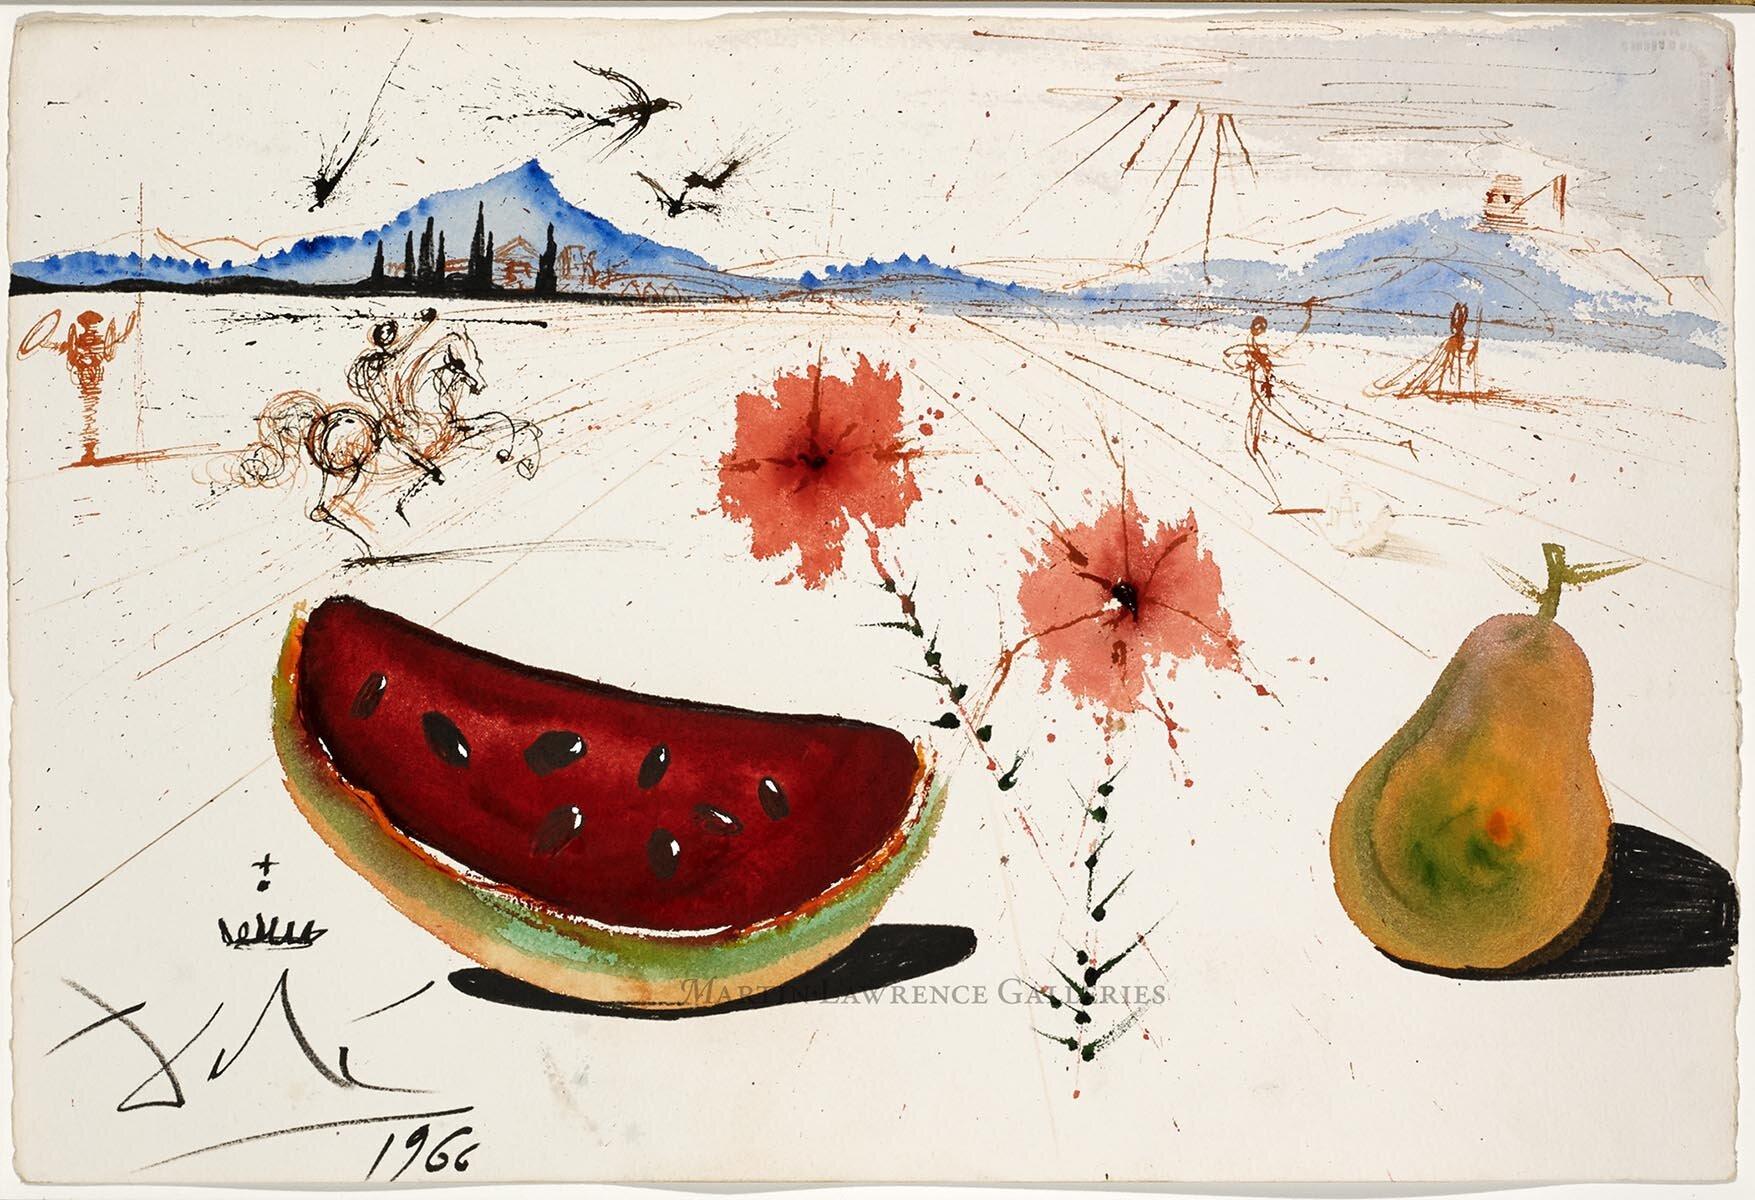 Salvador Dalí, Fleurs, Pastèque et Poire Dans un Paysage Ampurdanais, 1966,    gouache, watercolor, brush and ink, felt-tip pen and ballpoint on paper